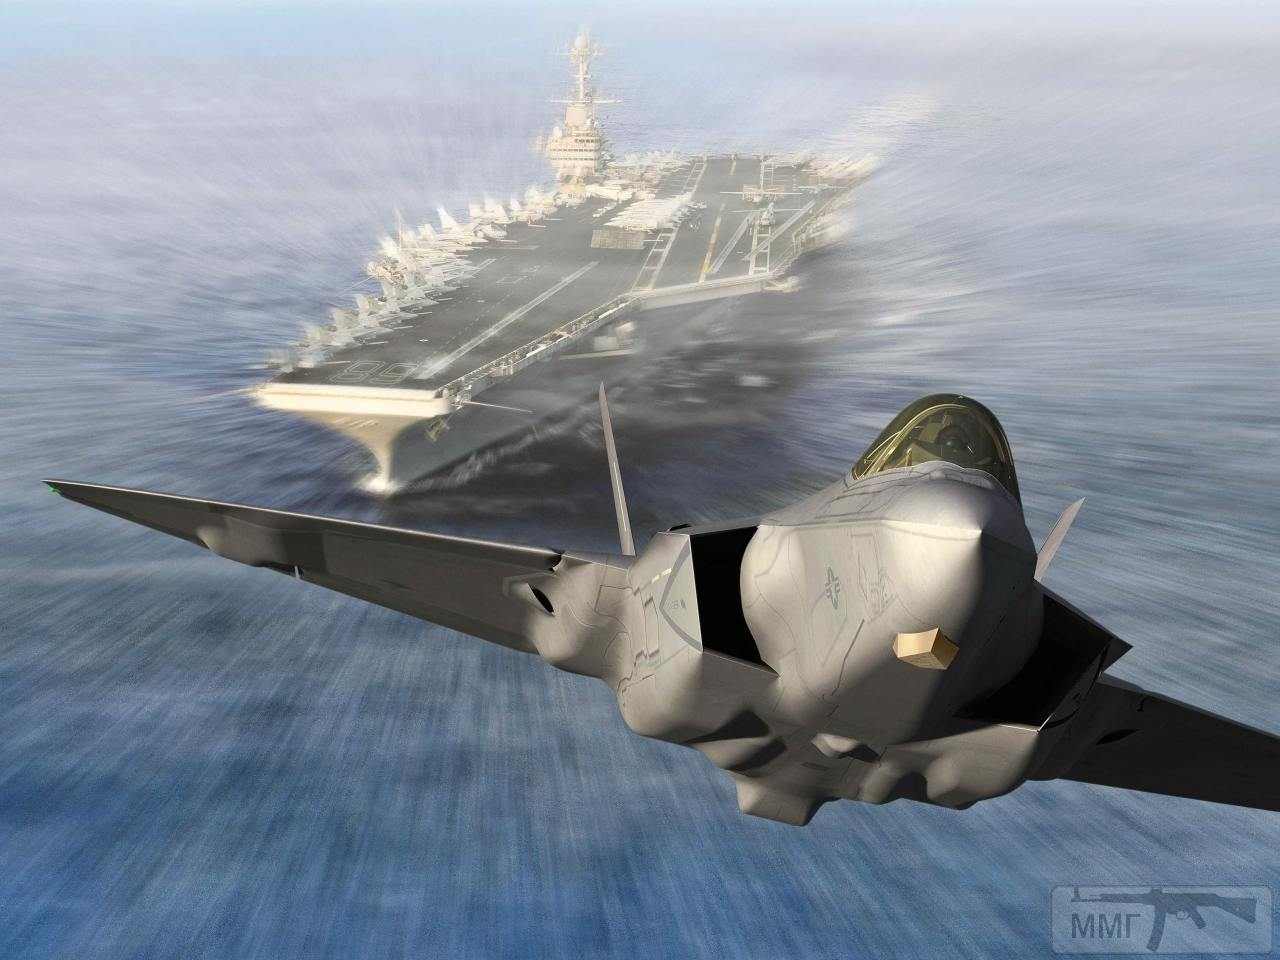 33063 - Красивые фото и видео боевых самолетов